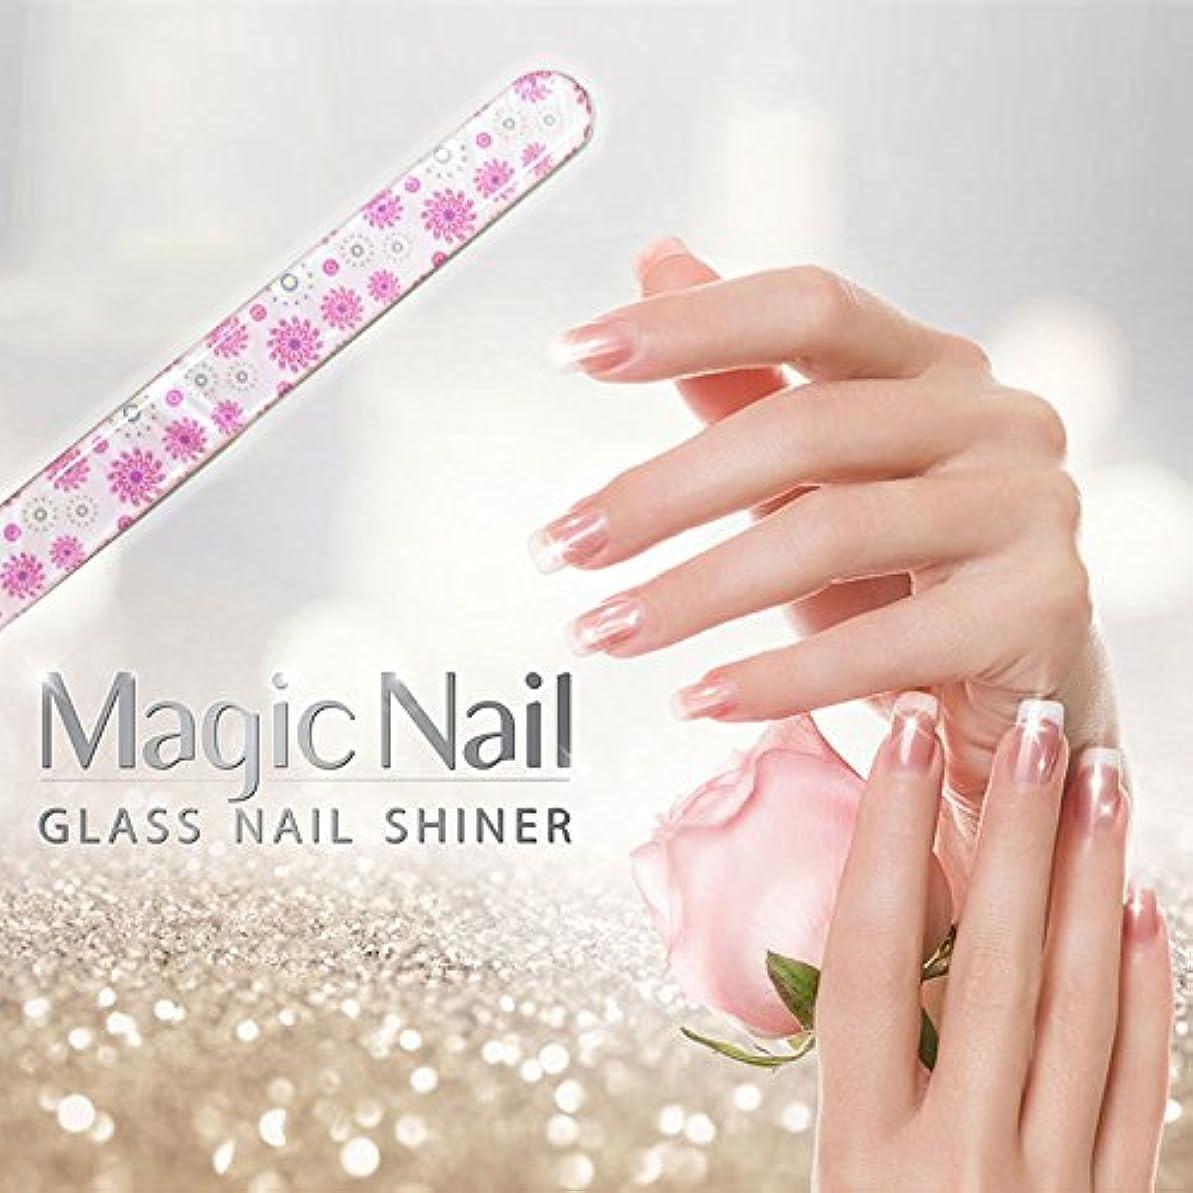 契約したスズメバチマングルエッサンテ(Essante) マジックネイル magic nail マニキュアを塗ったようなツヤ、輝きが家で誰でも簡単に出来る glass nail shiner ガラスネイルシャイナー おしゃれなデザイン つめやすり ...